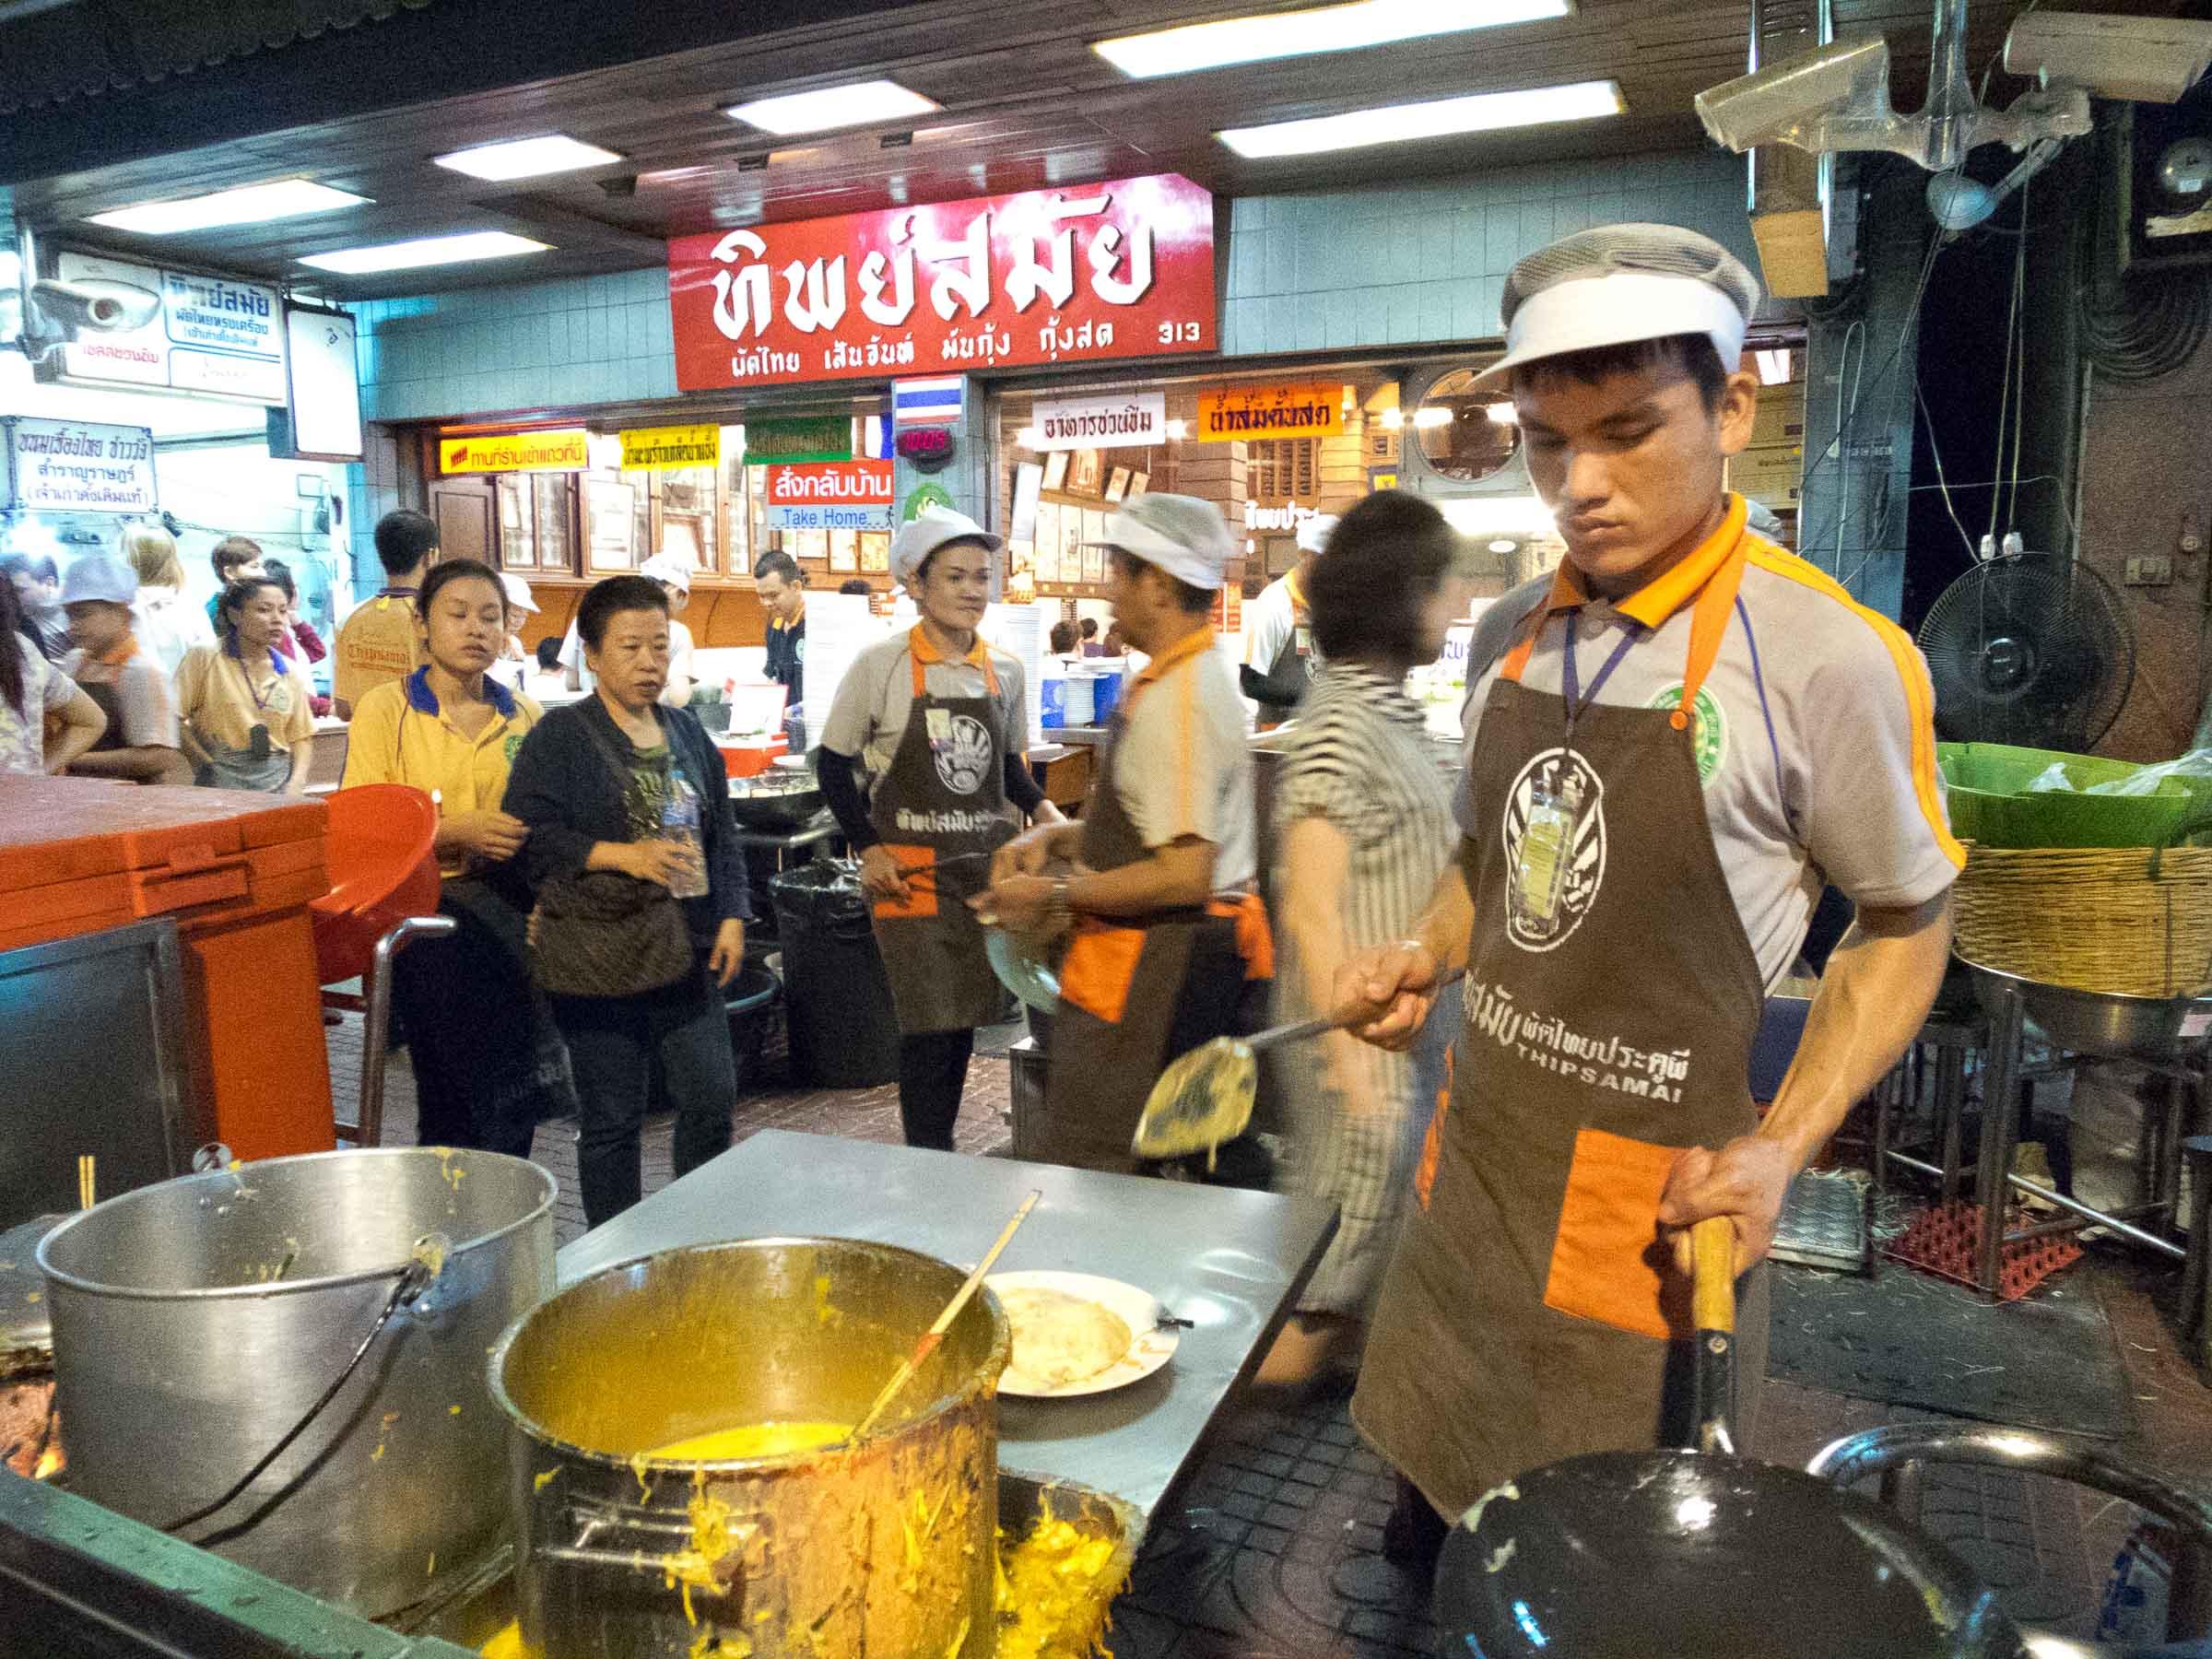 160109_Thailand__30